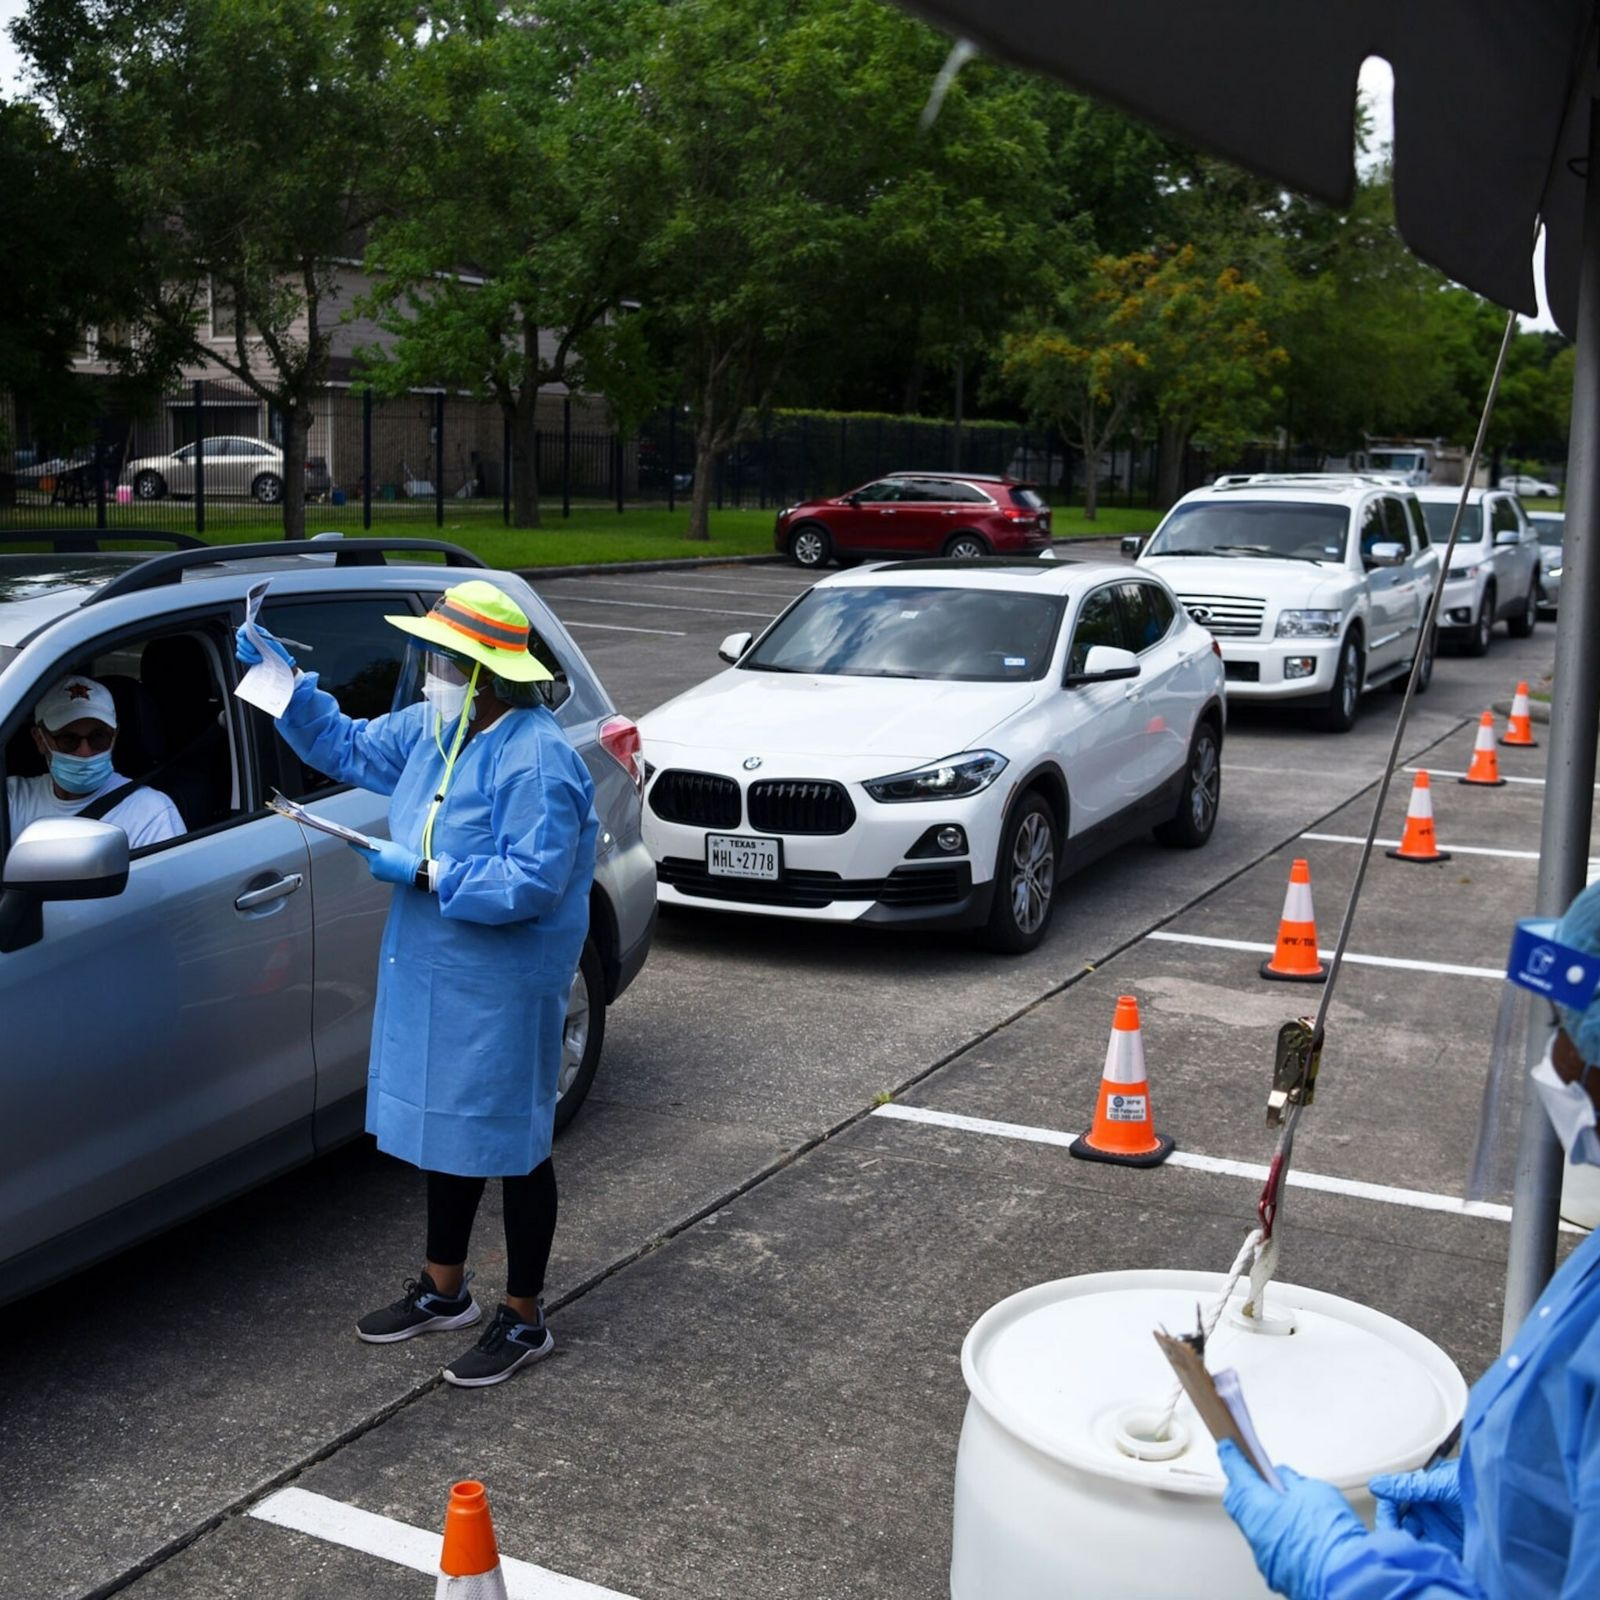 Mitarbeitende einer COVID-19-Teststation in Houston, Texas verteilen Selbsttests.